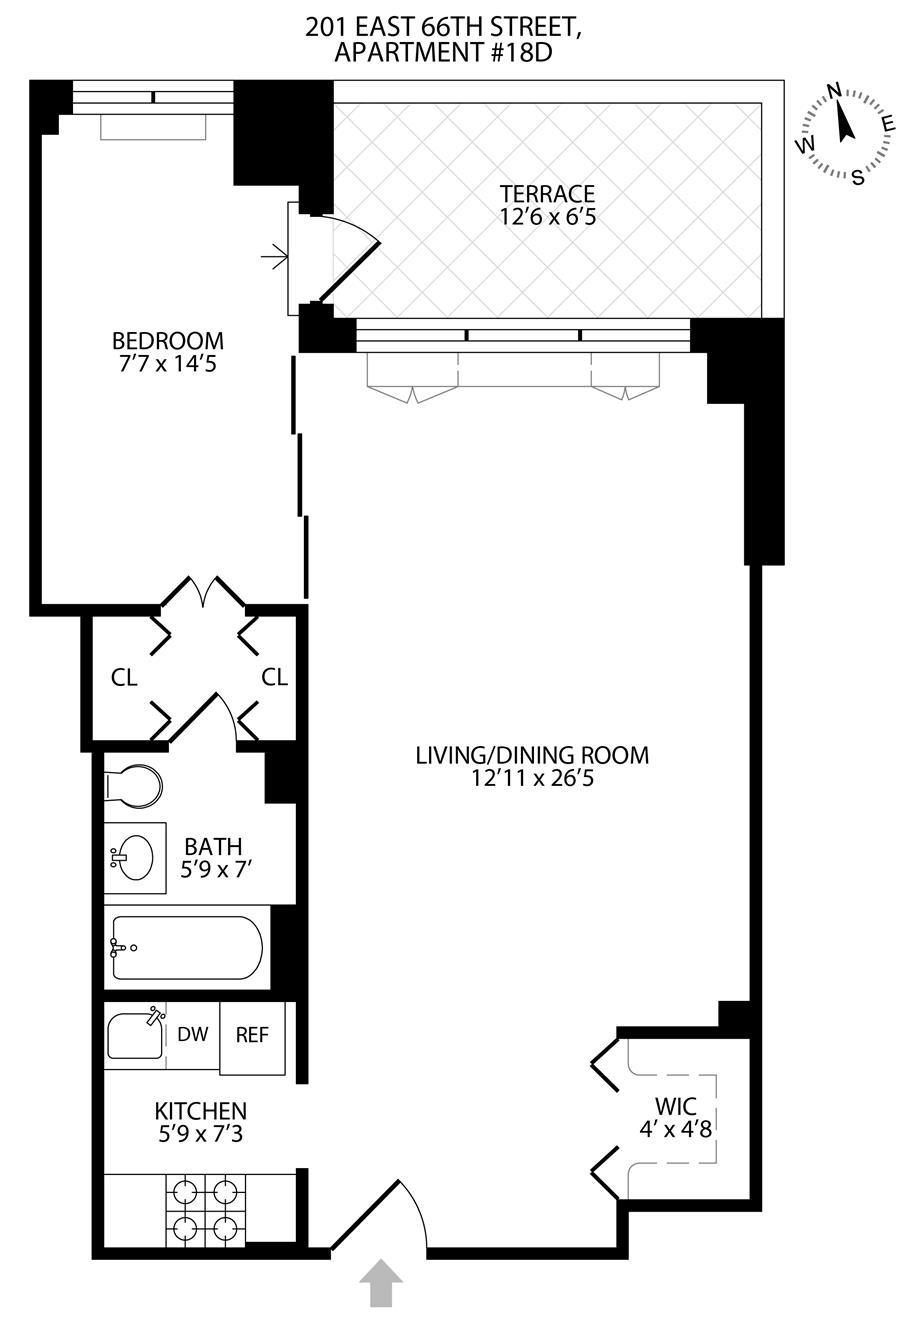 Floor plan of 201 East 66th St, 18D - Upper East Side, New York